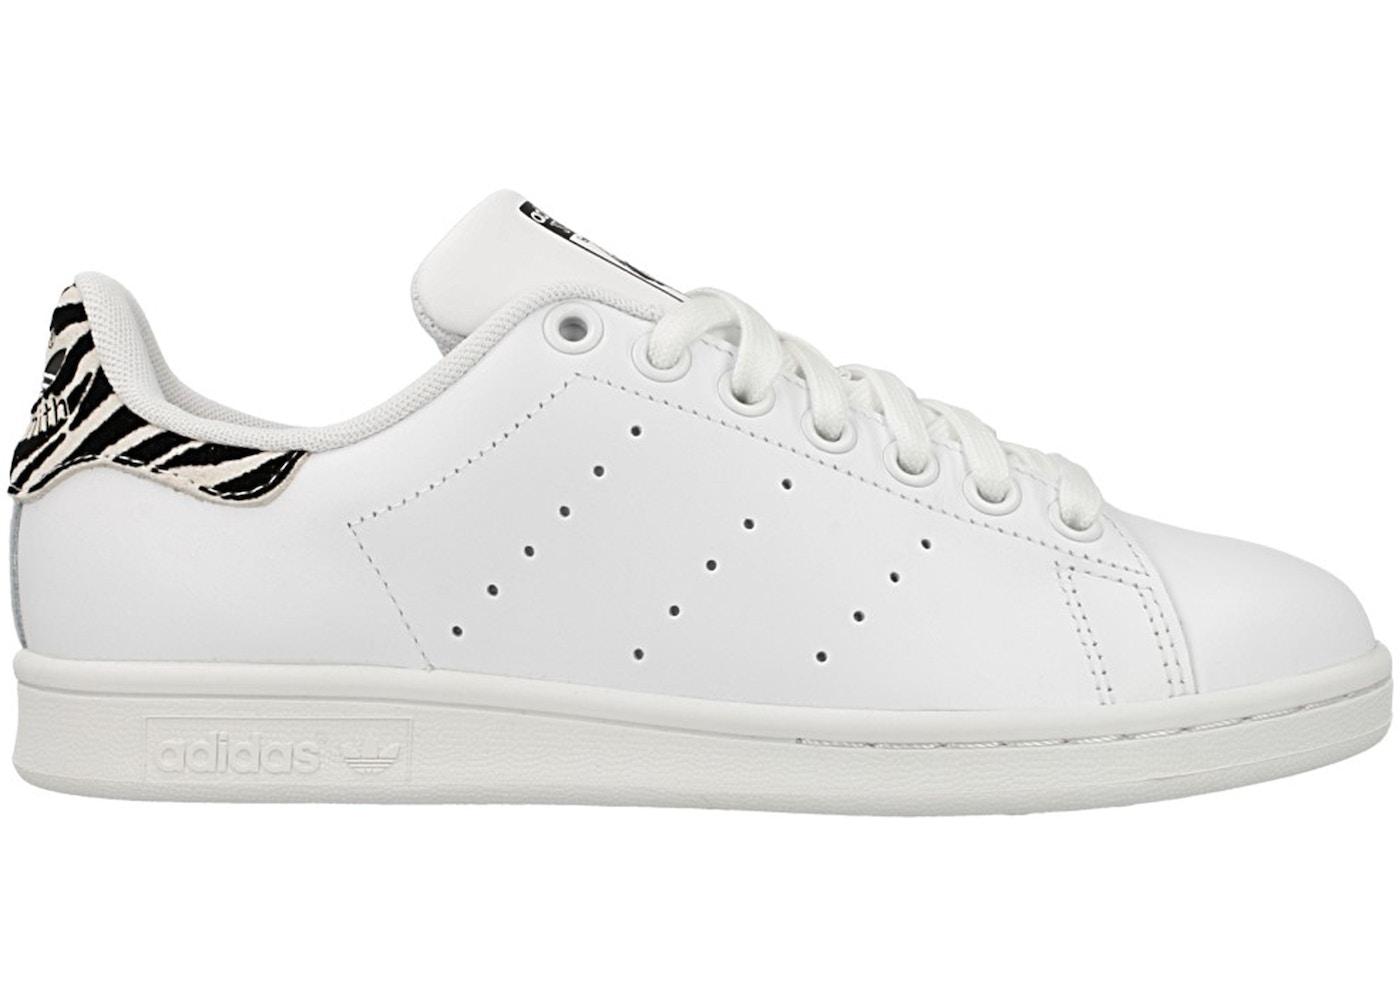 adidas Stan Smith White Zebra (W) - B26590